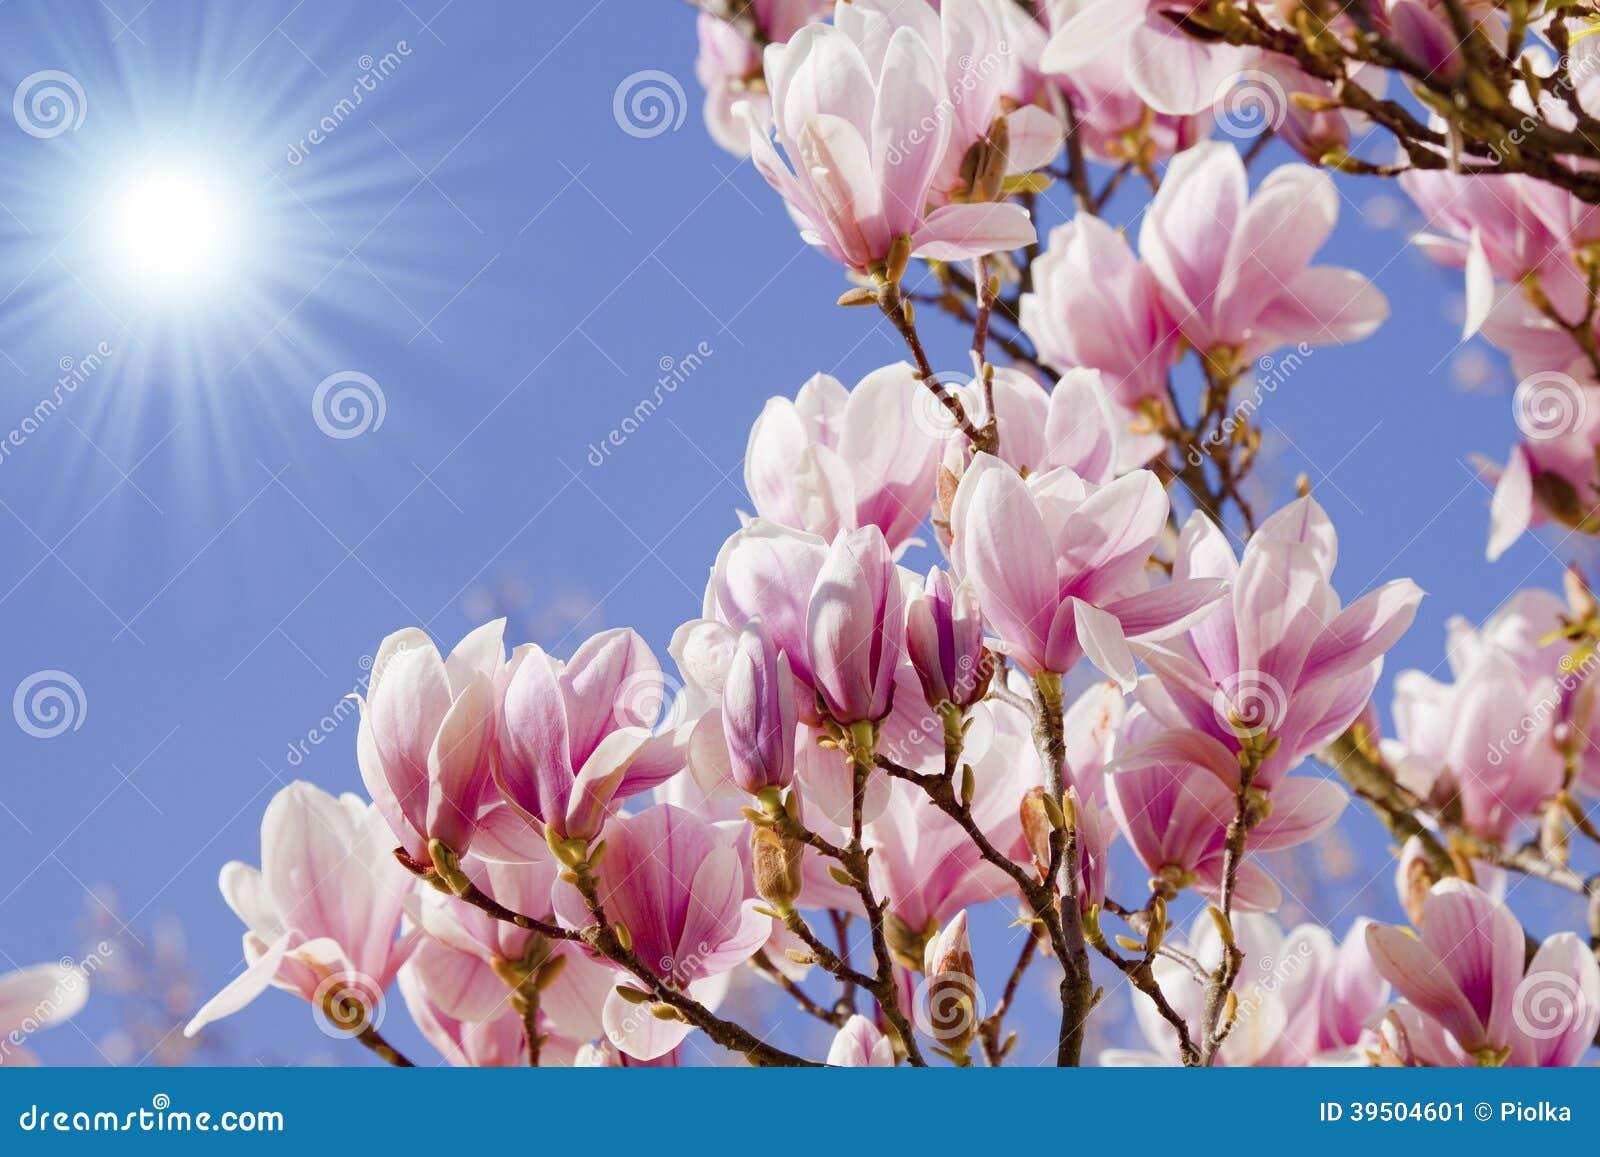 Blue sky with magnolia blossom